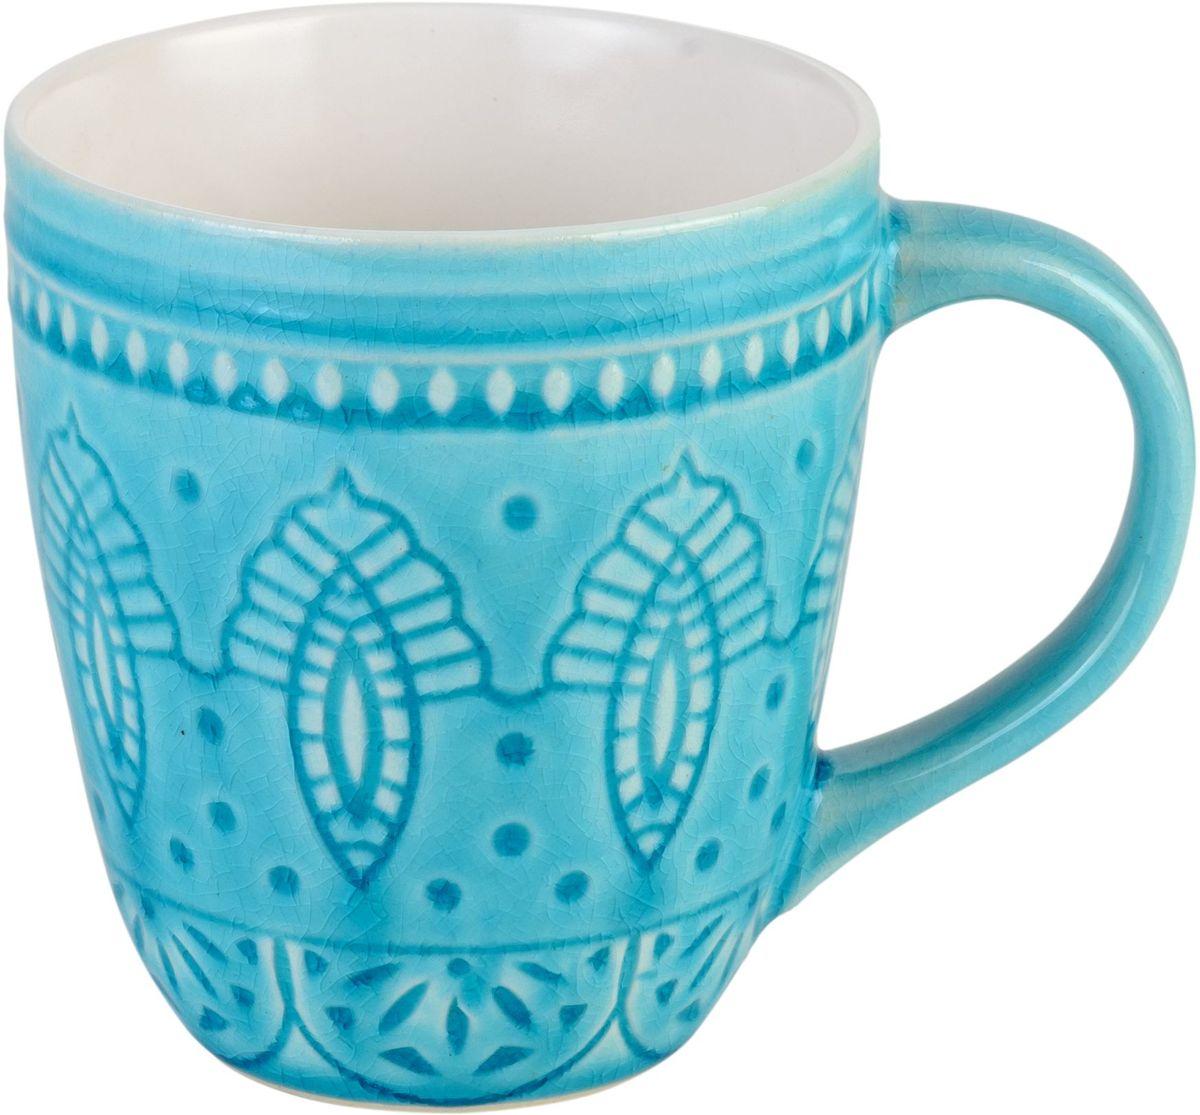 Набор кружек Tongo, цвет: голубая бирюза, 350 мл, 6 штM-350b Tongo Набор кружекНабор Tongo состоит из 6 кружек, выполненных из керамики с глазурованным покрытием. Такой набор станет изысканным украшением стола к чаепитию и порадует вас и ваших гостей оригинальным дизайном и качеством исполнения. Он прекрасно подойдет в качестве подарка к любому случаю. Диаметр кружки (по верхнему краю): 9 см. Высота кружки: 10 см.